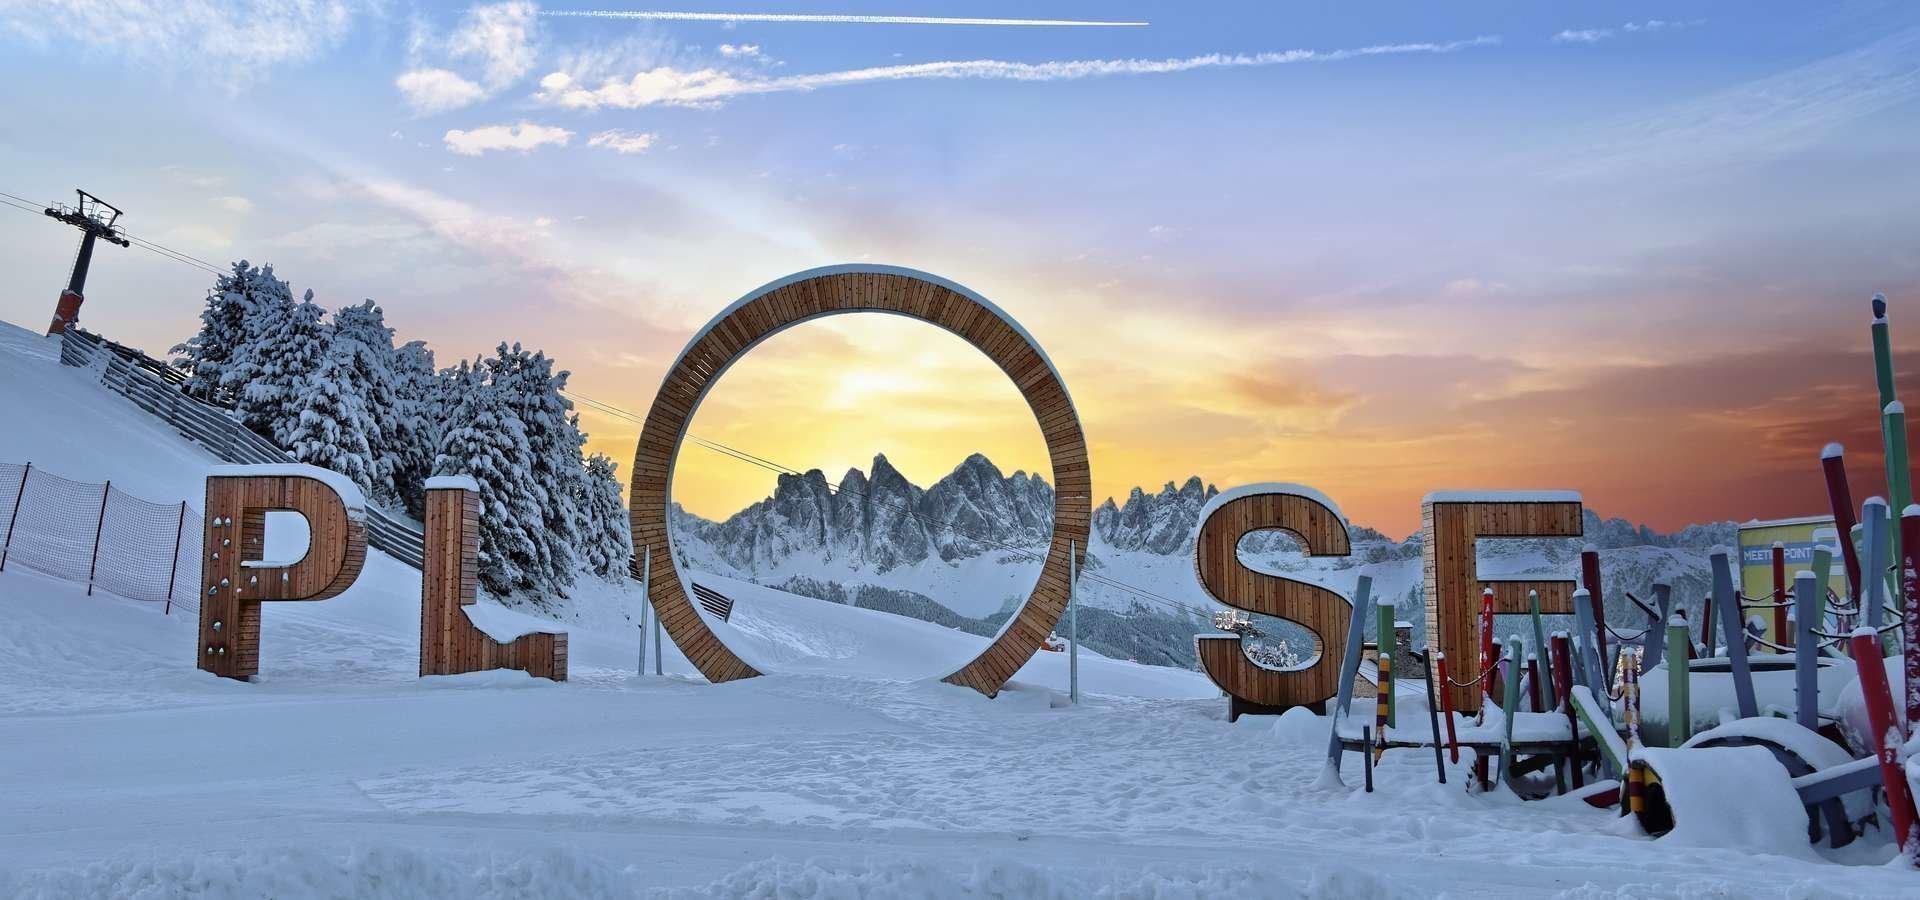 winterurlaub-eisacktal-suedtirol